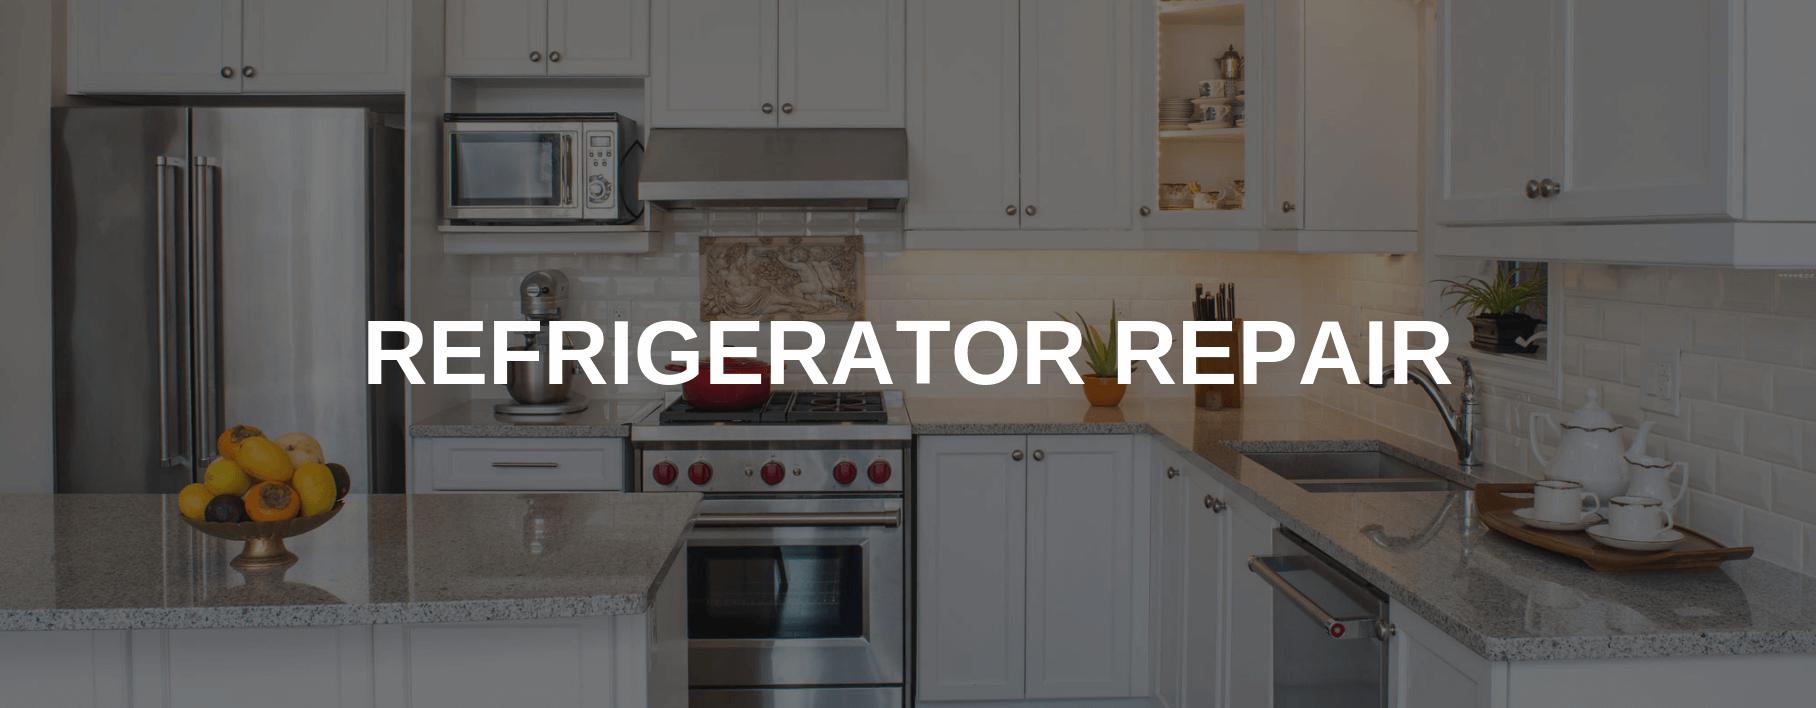 hoboken refrigerator repair